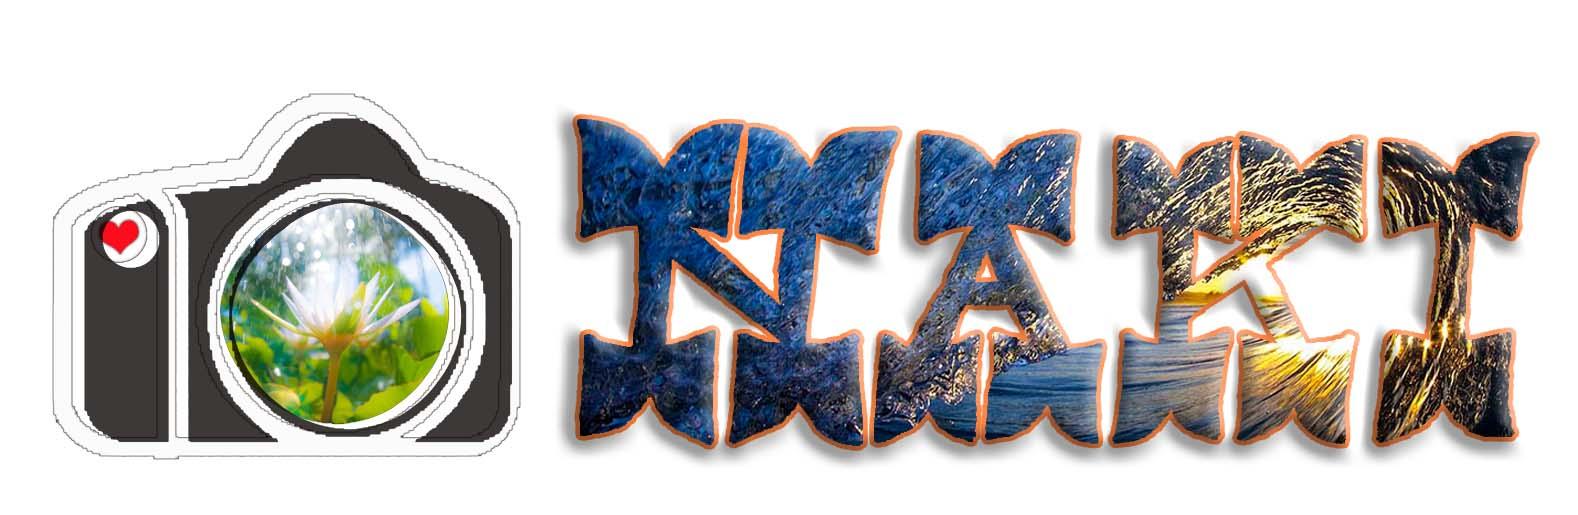 Nakiphotoギャラリー | サーフィン・波・海・サンセット・サンライズの写真コレクション